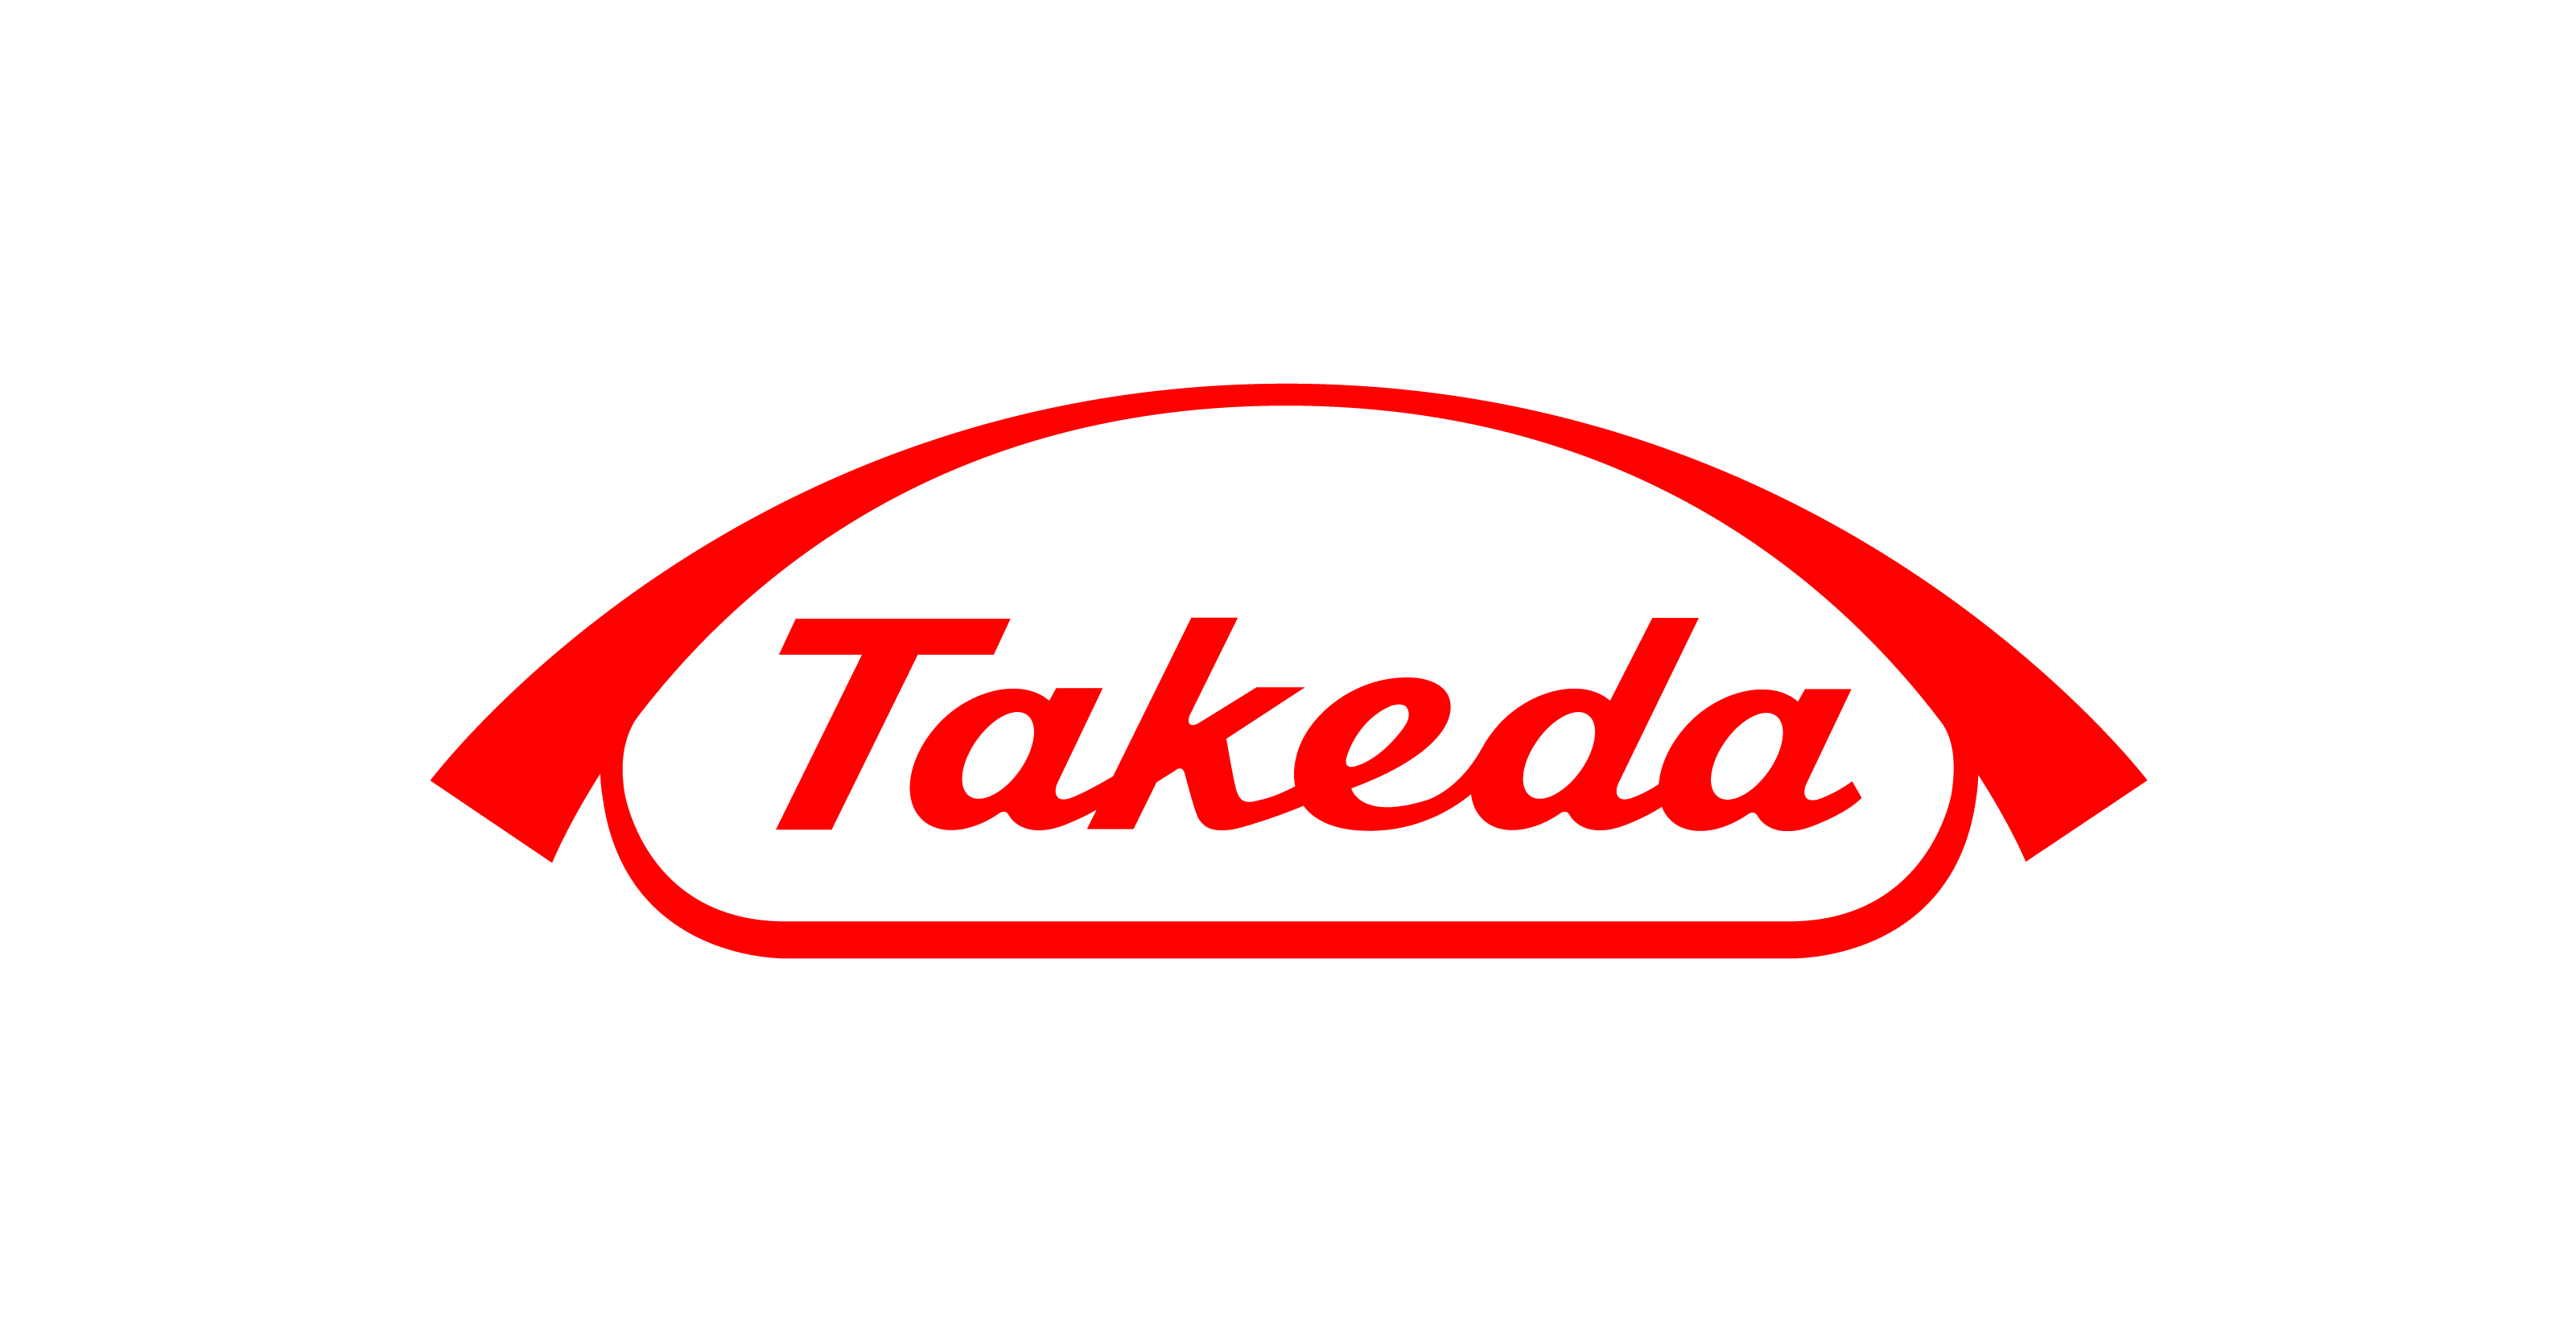 takeda_logo_brandsymbol_dakiyama_rd.jpg